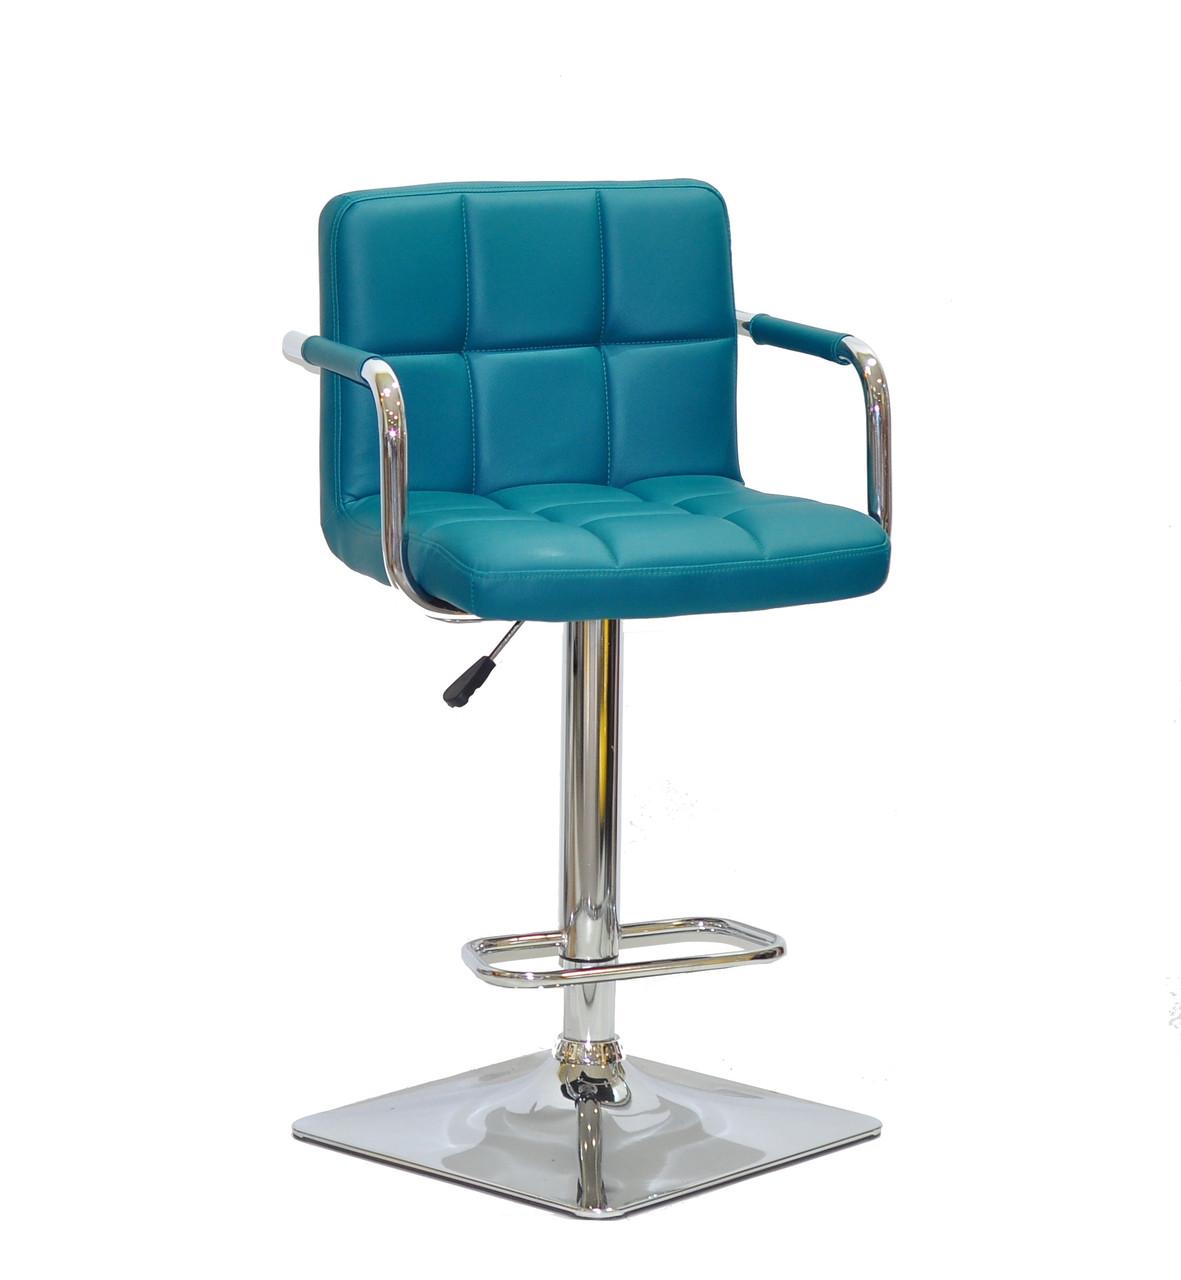 Барный стул Арно зеленый кожзам с подлокотниками на квадратной хром базе ARNO BAR 4CH - BASE